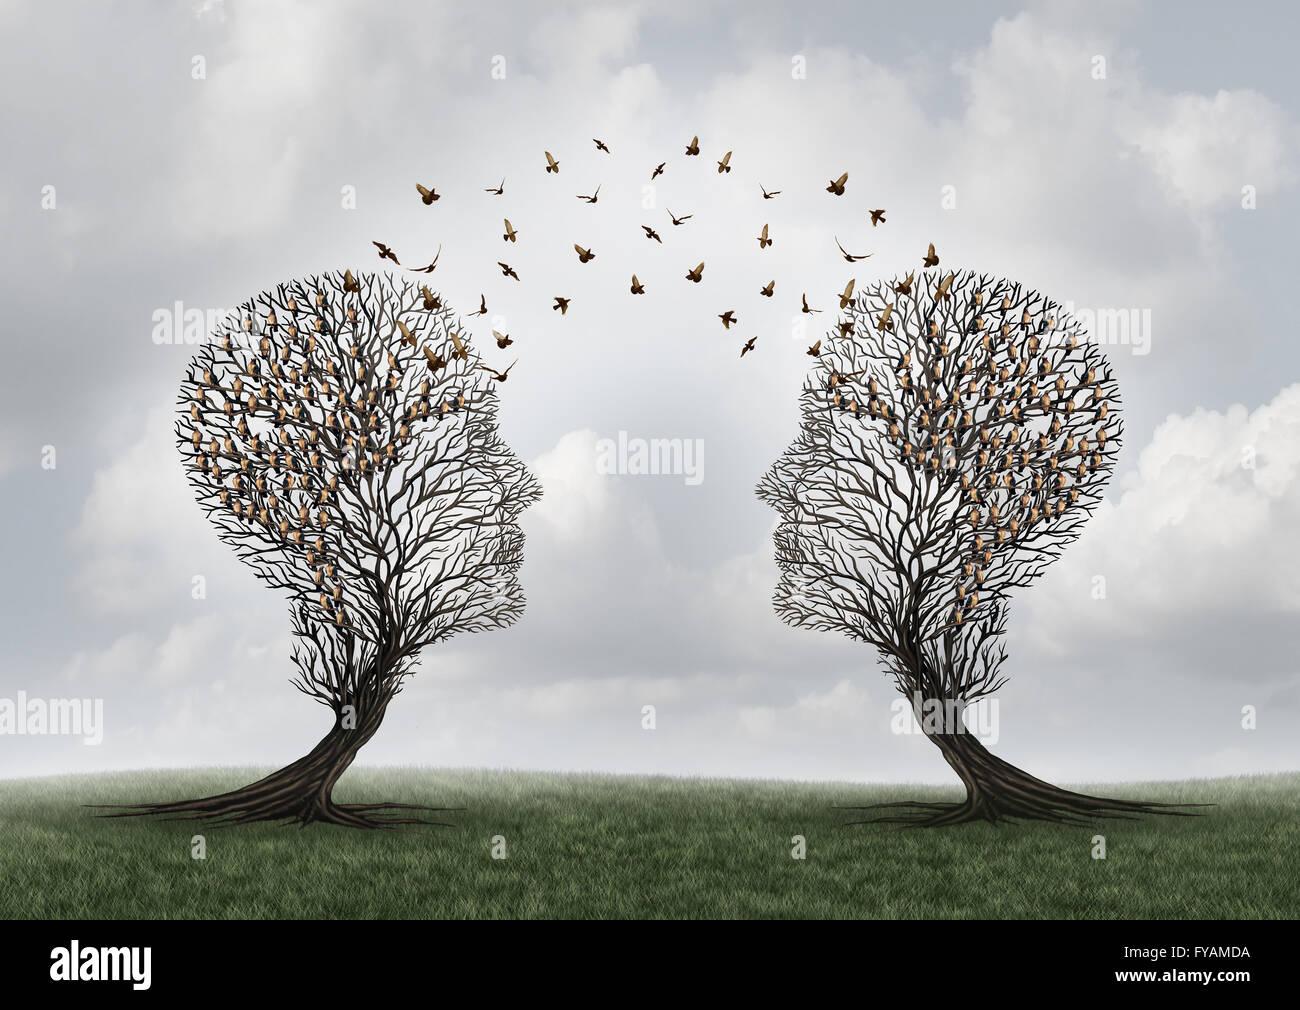 Konzept der Kommunikation und Vermittlung eine Nachricht zwischen zwei Bäume mit Vögel thront und fliegen Stockbild